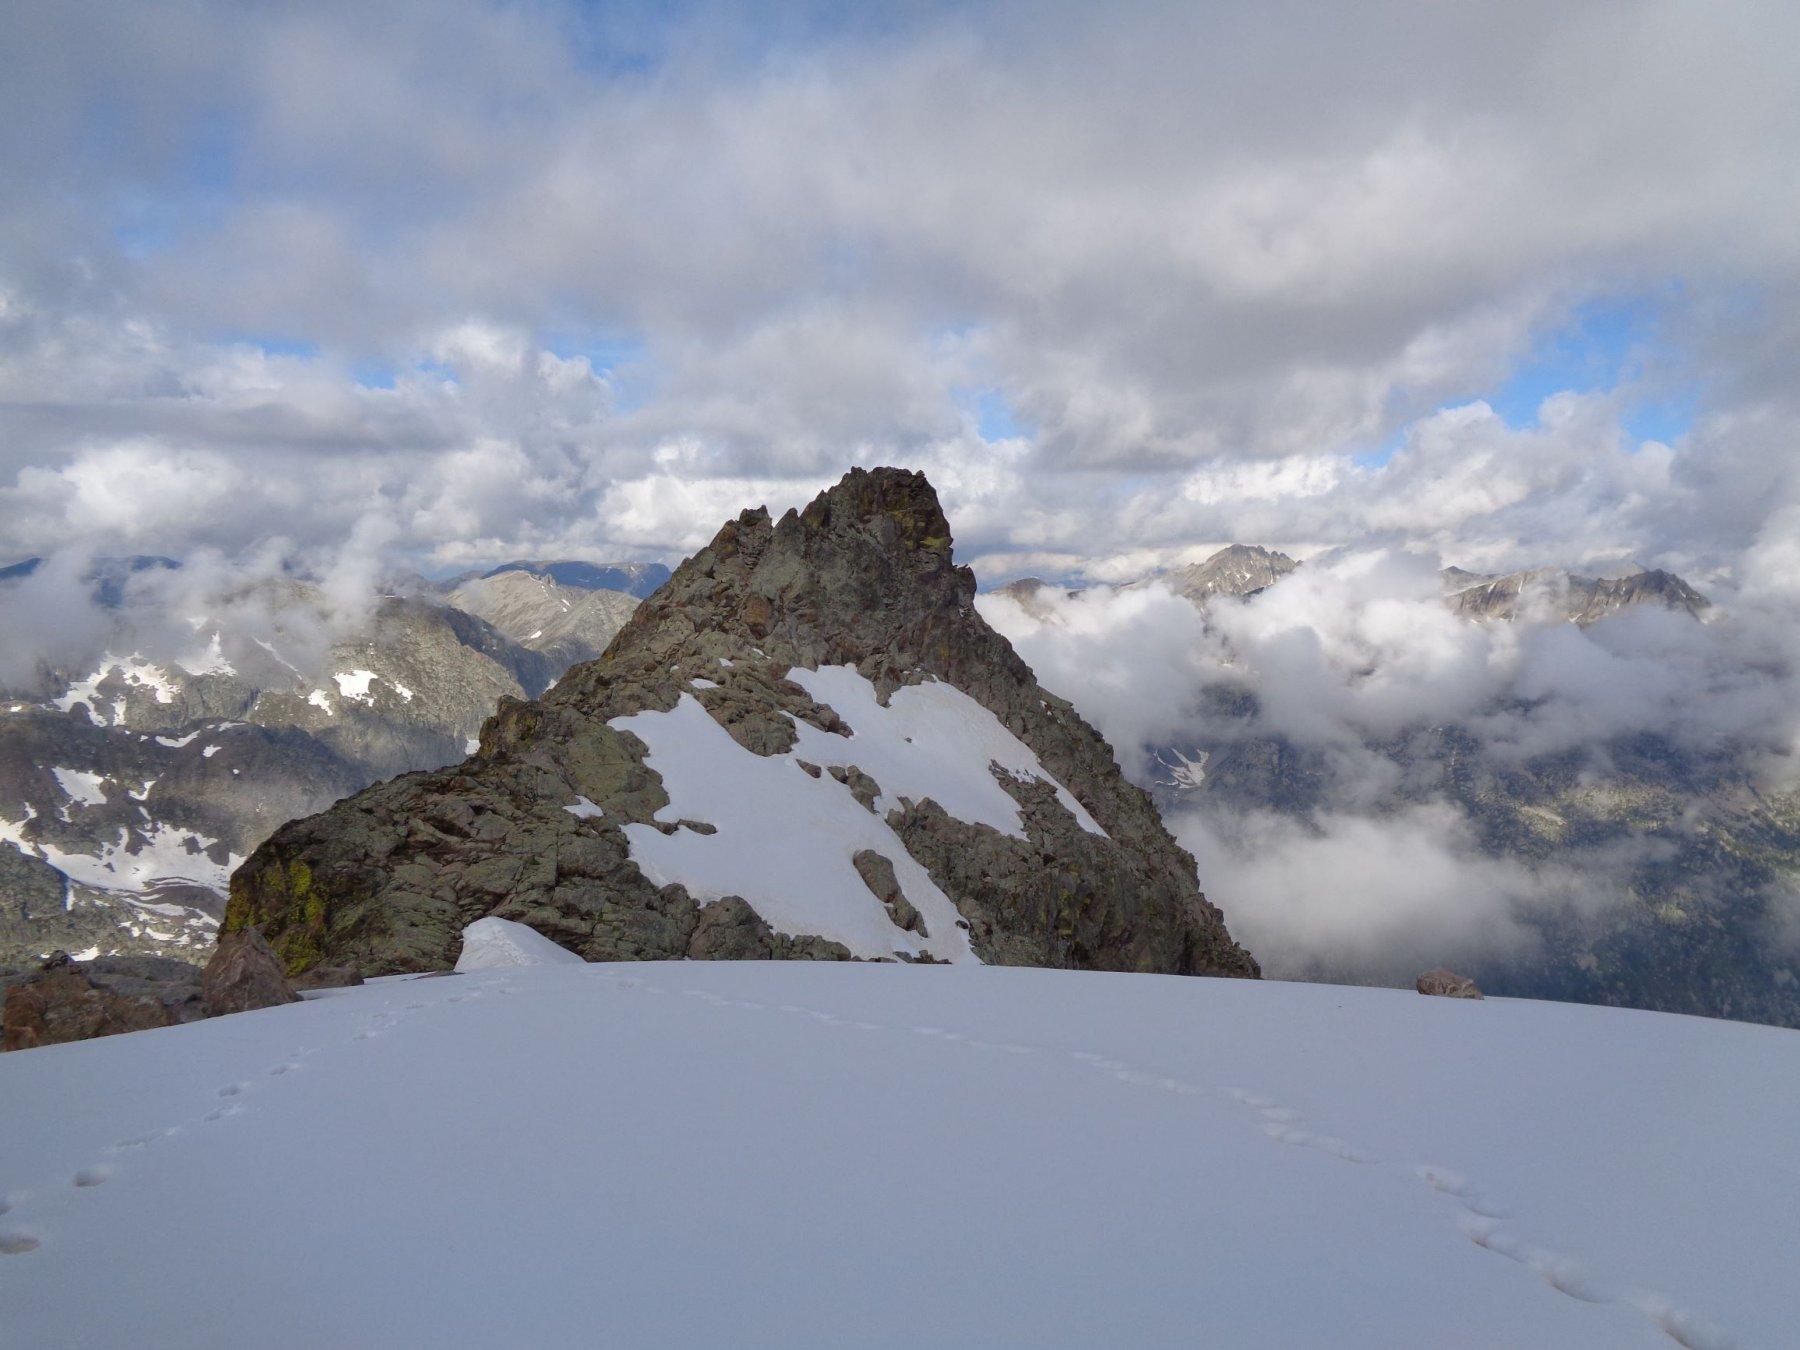 Dall'uscita del canale, la cresta percorsa per raggiungere la P. Laurenti